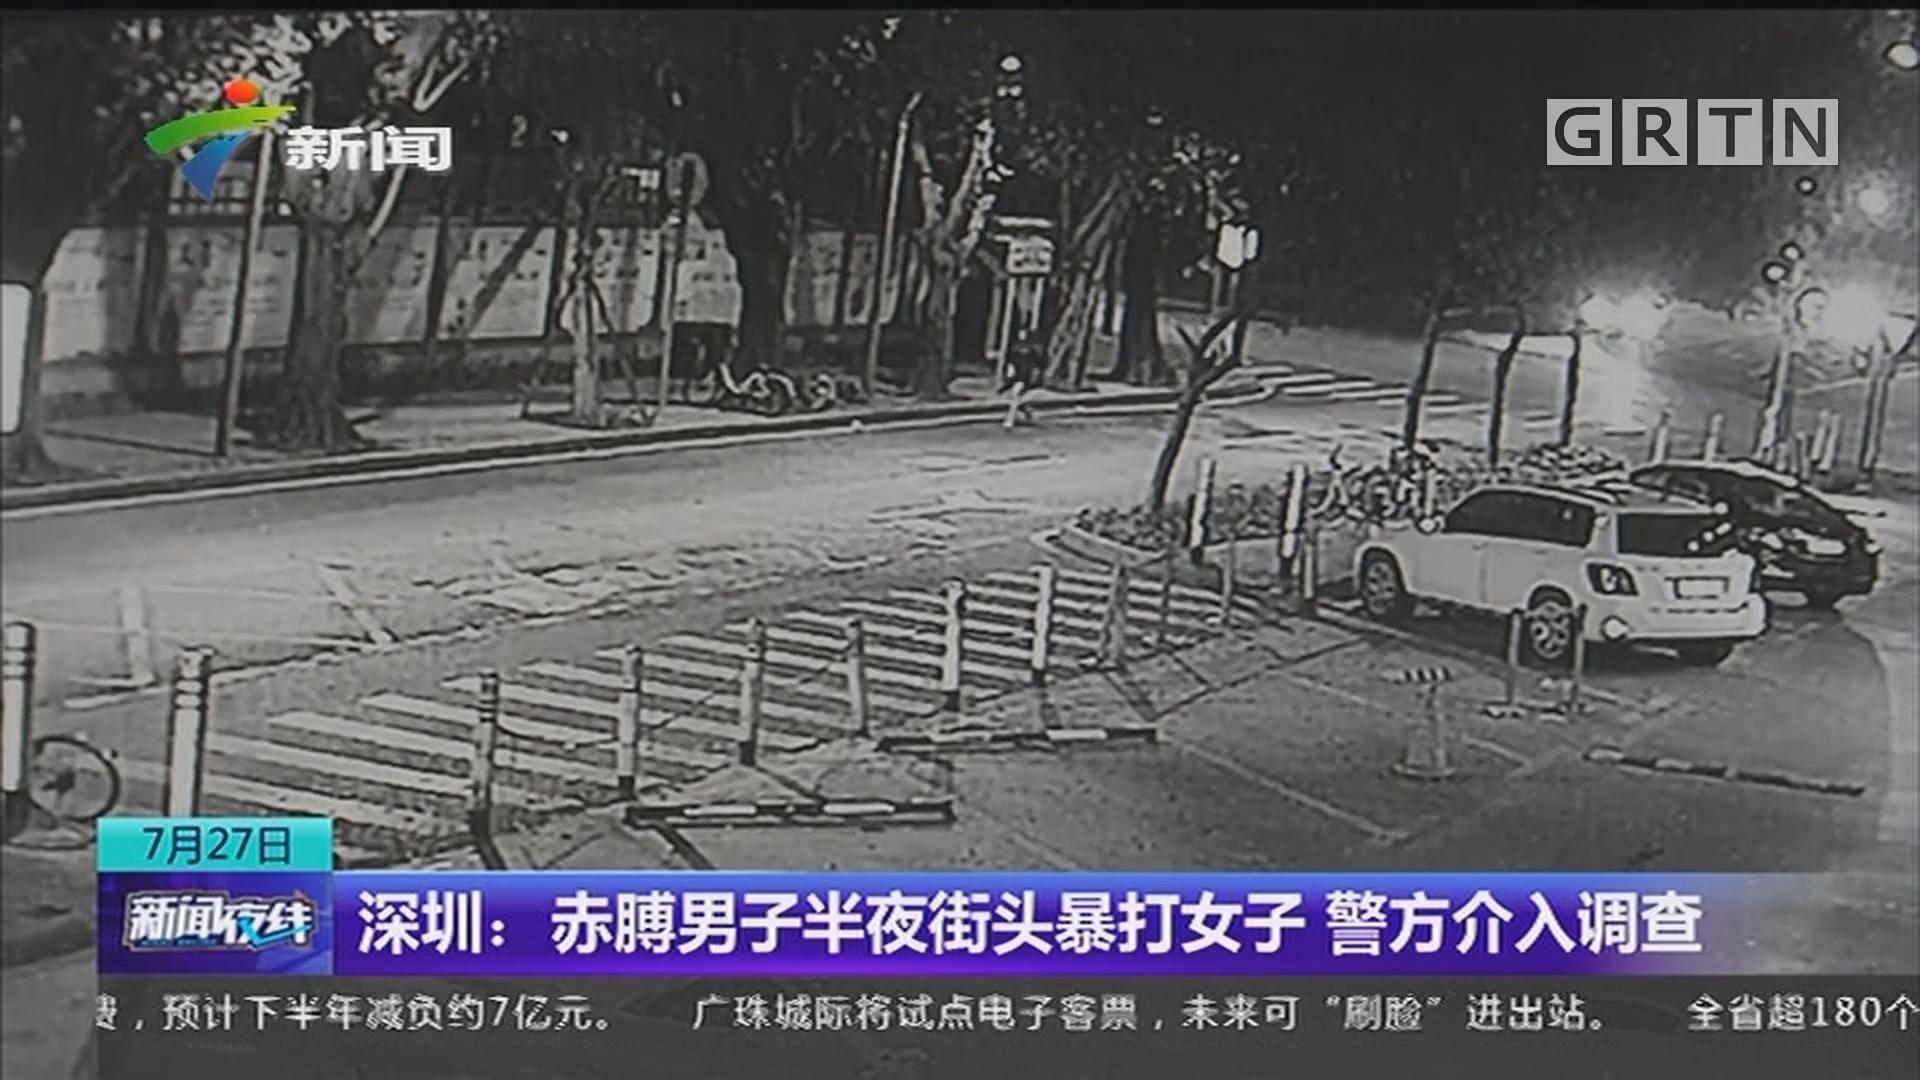 深圳:赤膊男子半夜街头暴打女子 警方介入调查